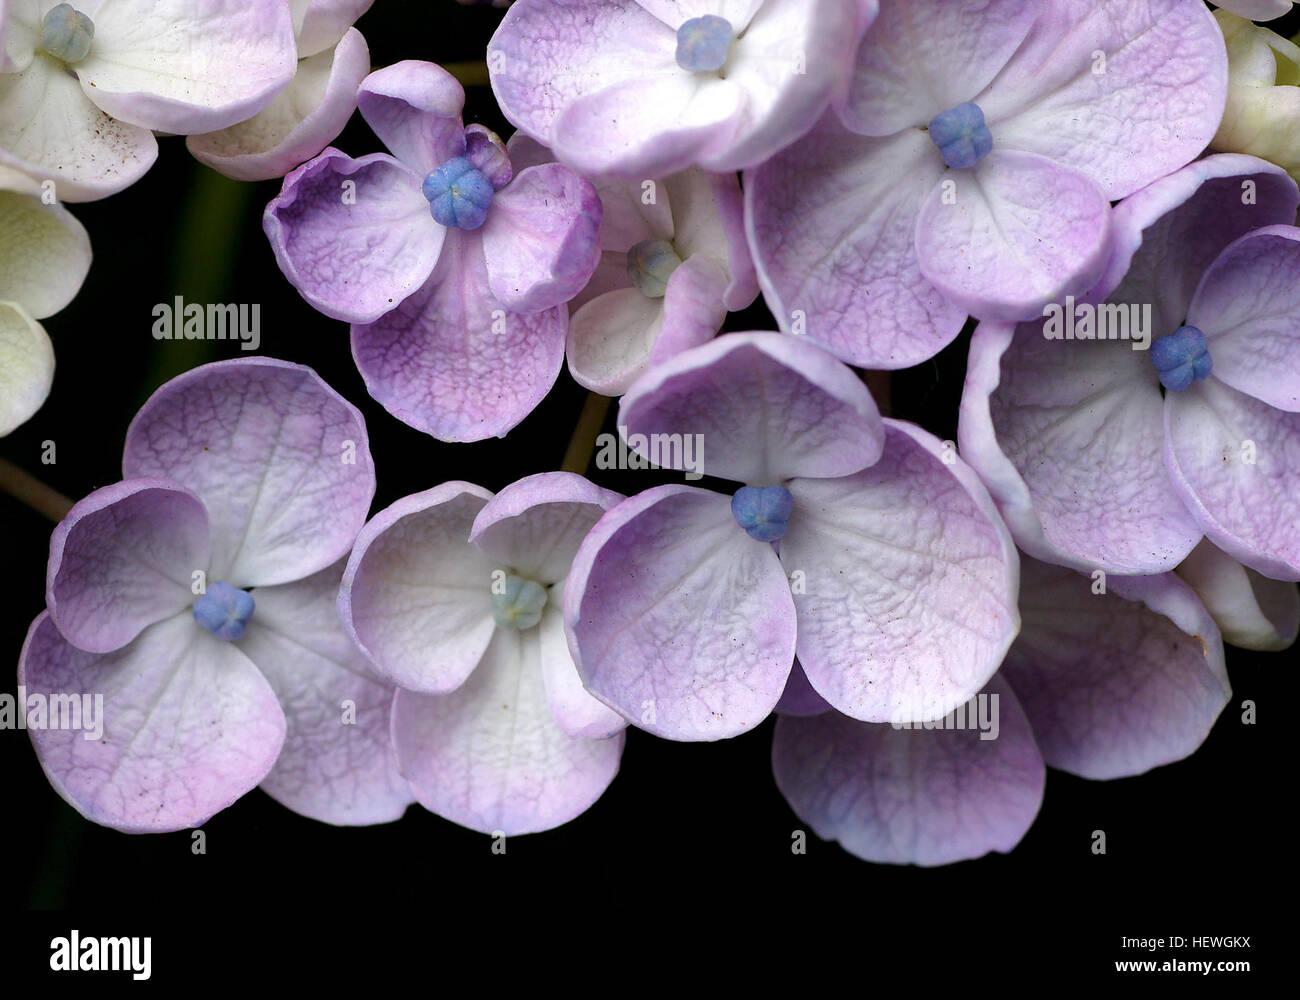 Puede Cambiar El Color De Las Flores Cambiando La Acidez Del Suelo - Color-de-las-hortensias